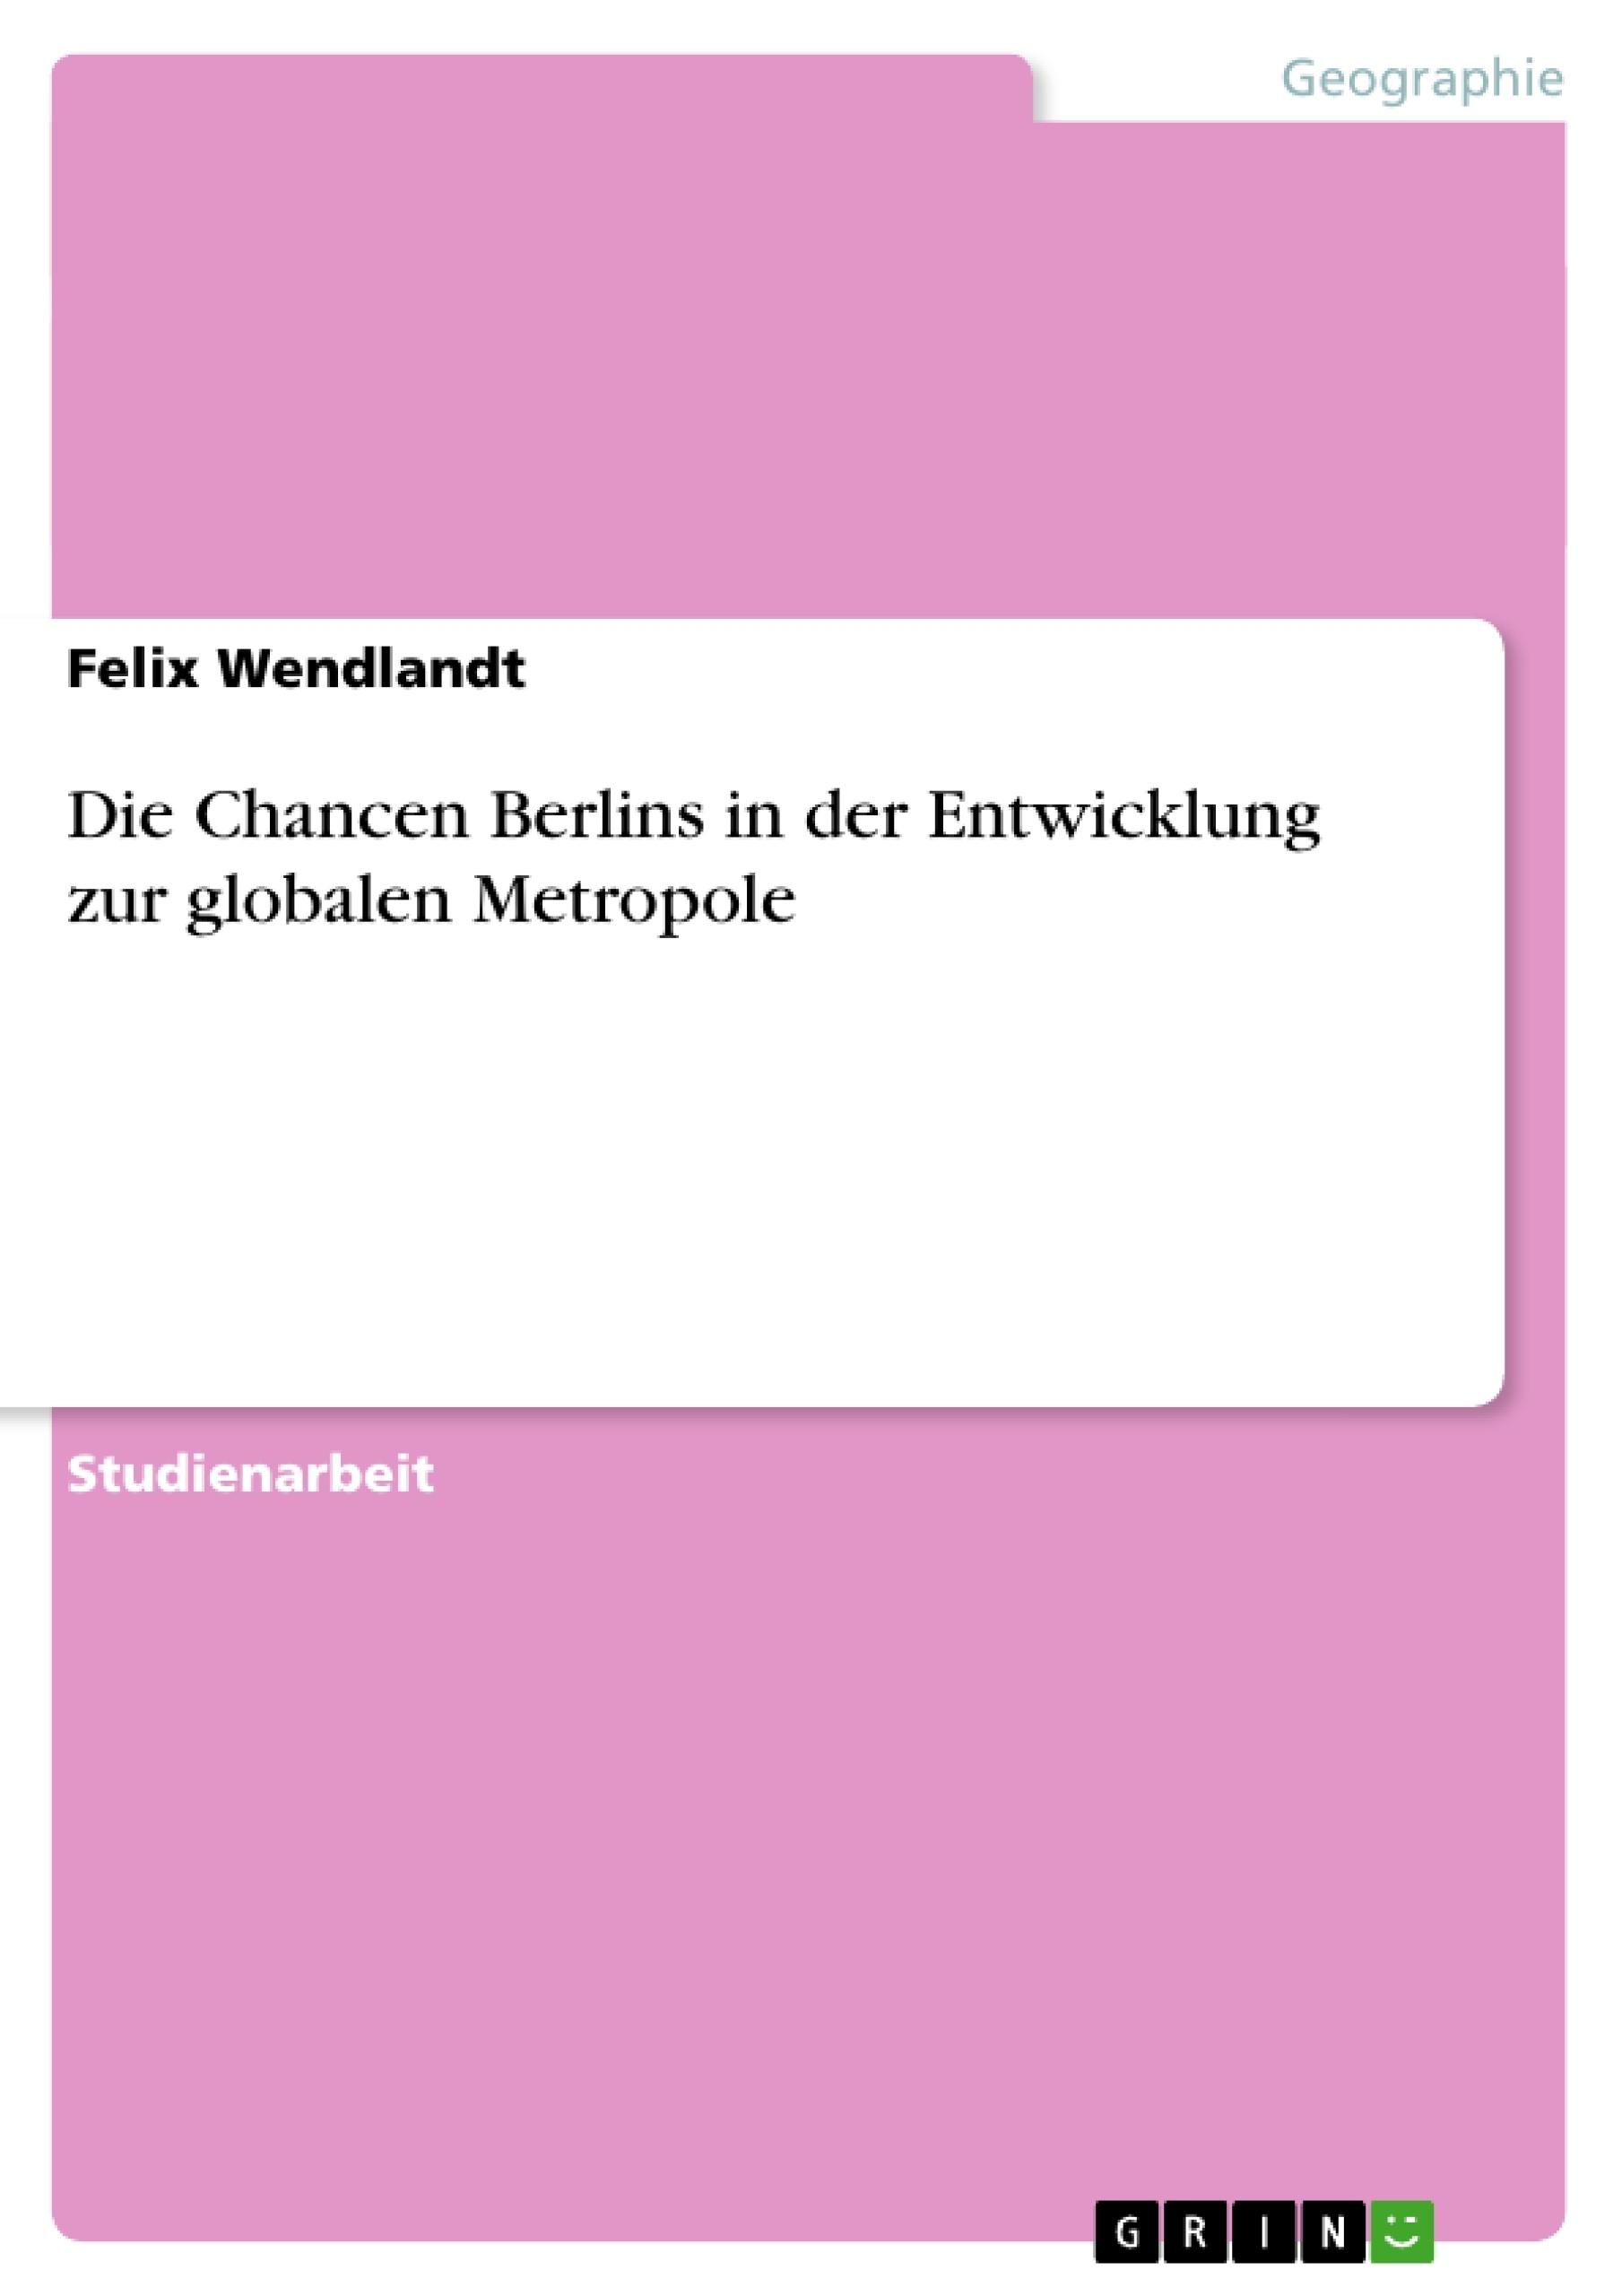 Titel: Die Chancen Berlins in der Entwicklung zur globalen Metropole